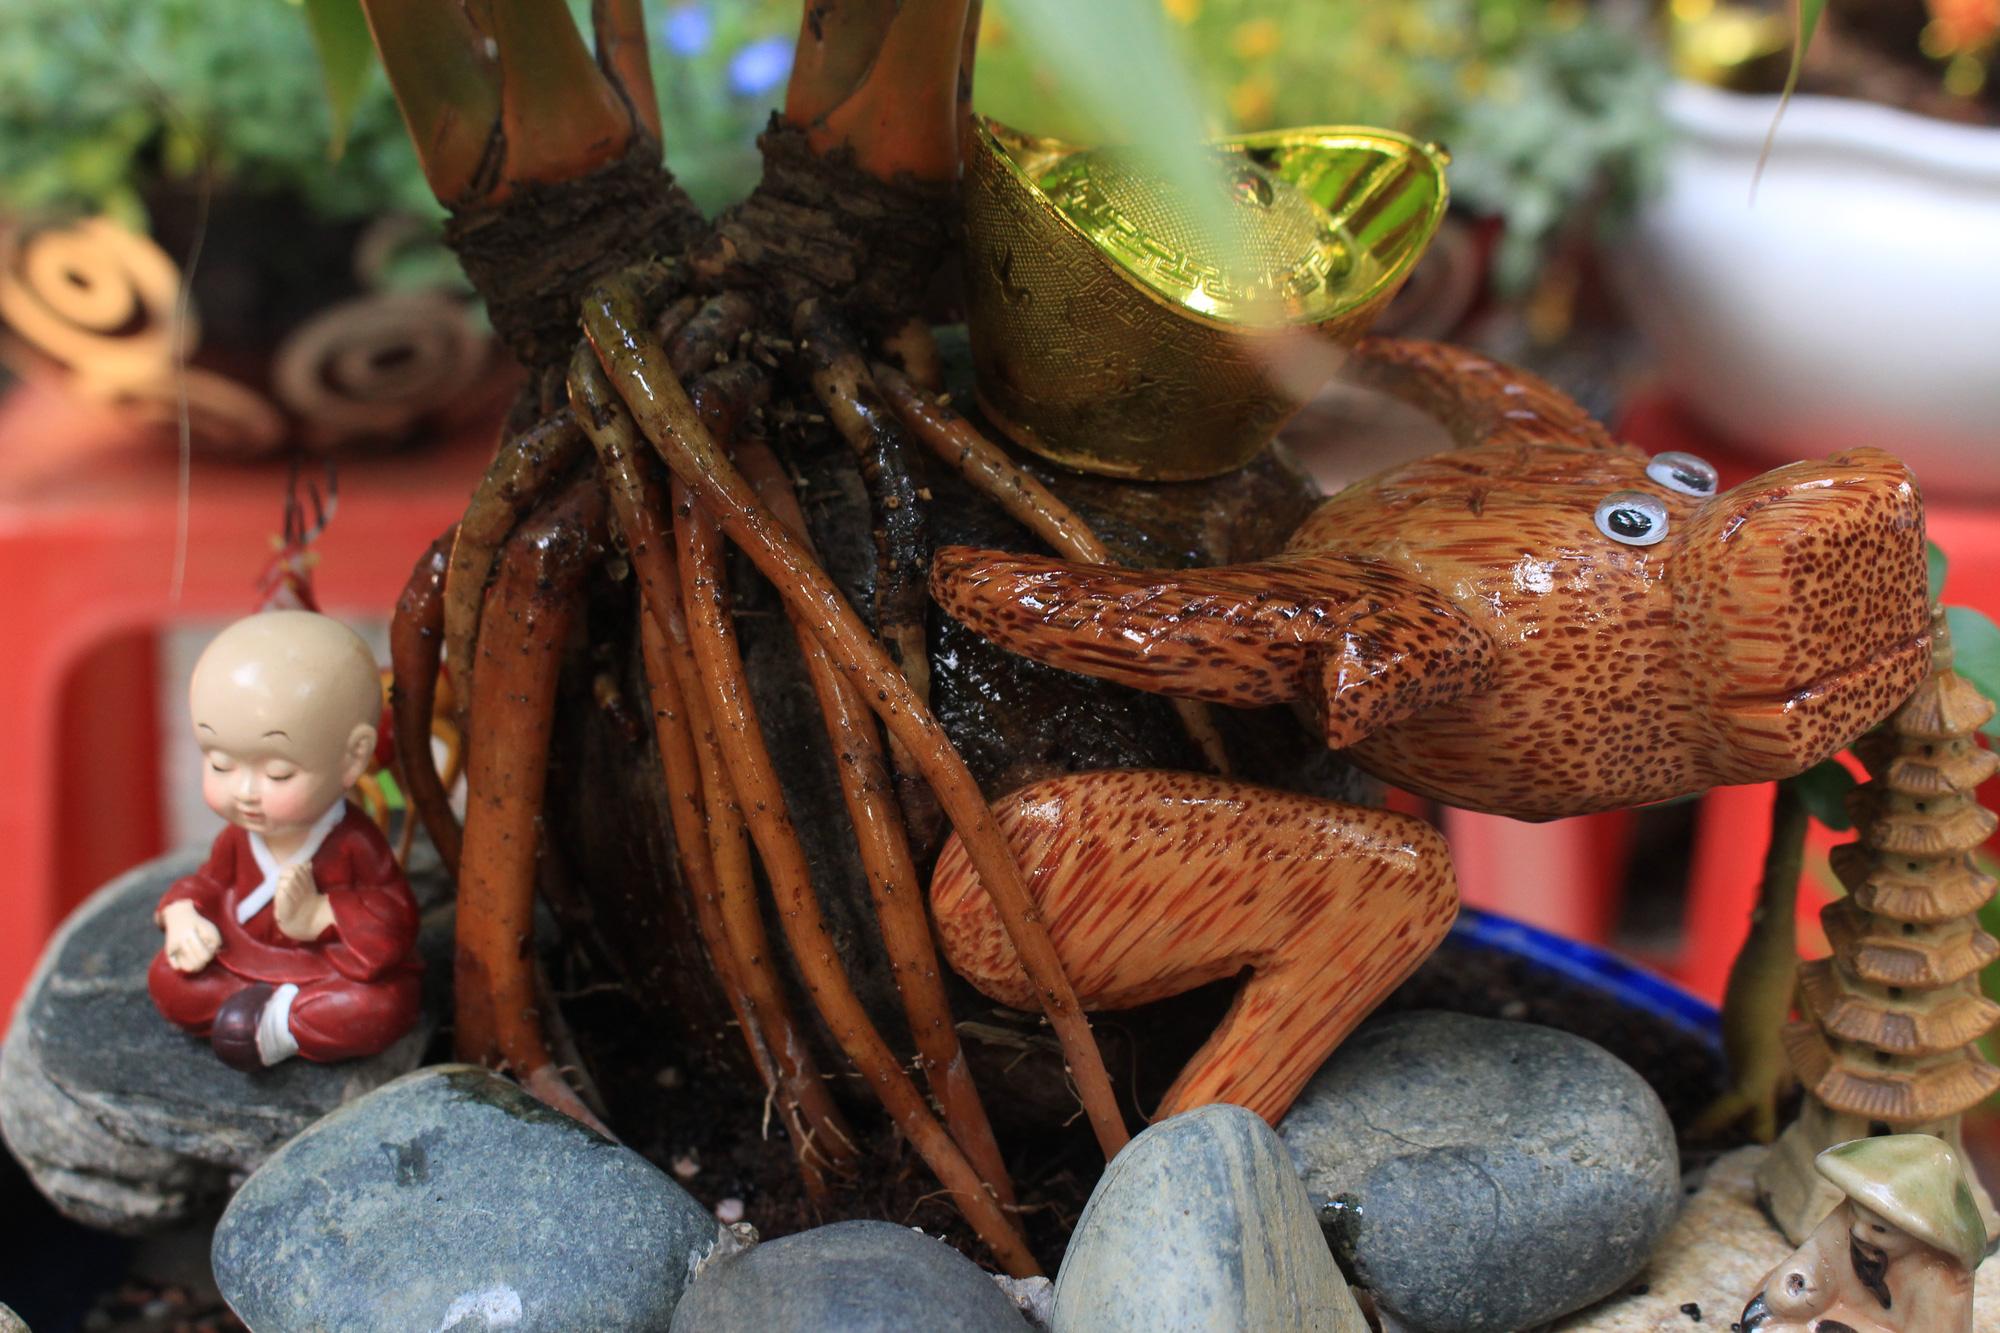 Độc đáo dừa khô bonsai hình trâu chơi Tết tiền triệu ở Sài Gòn - Ảnh 10.